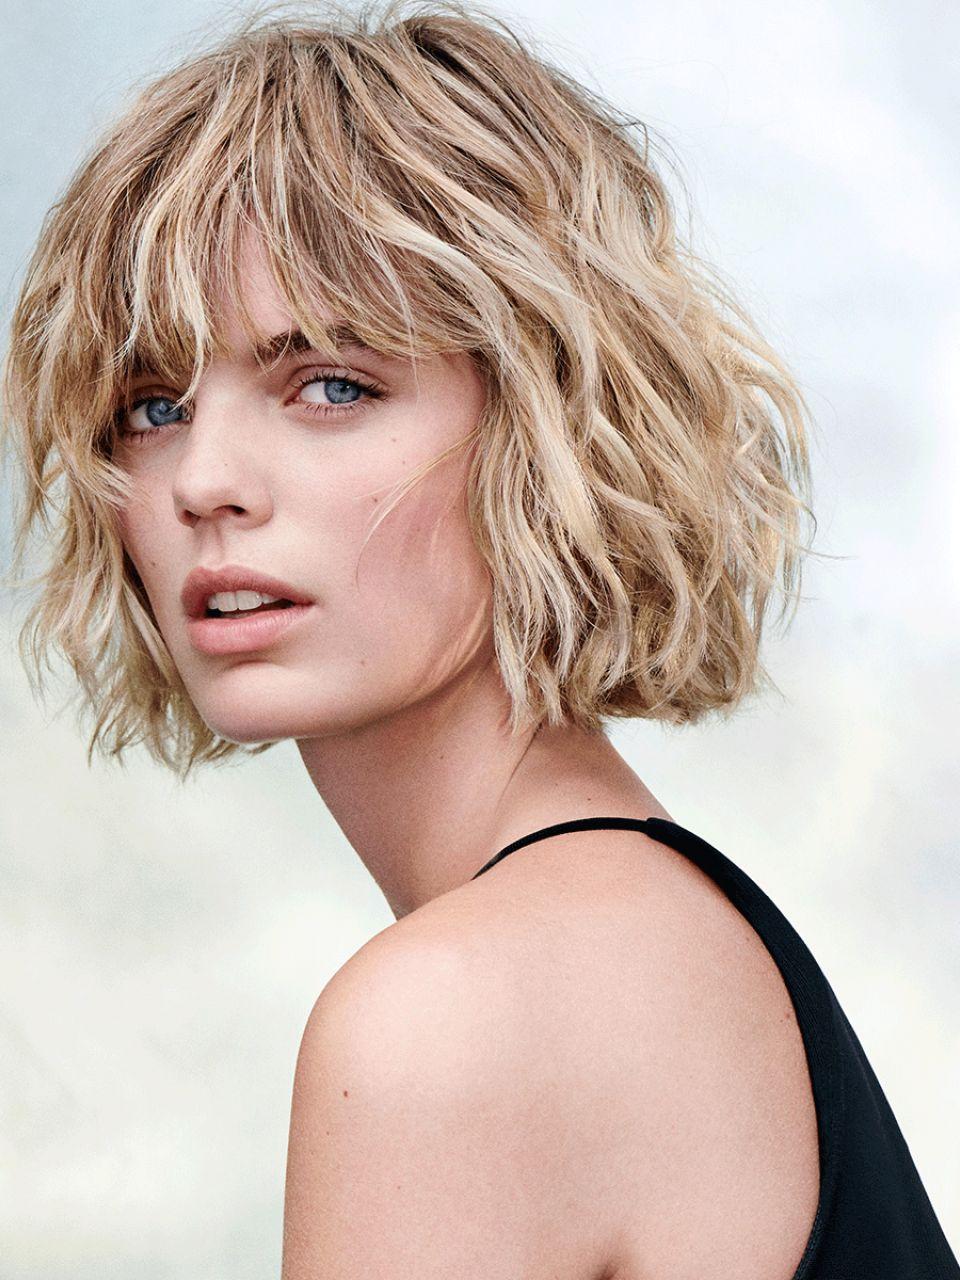 Frisuren für mittellange Haare – Mach mal halblang